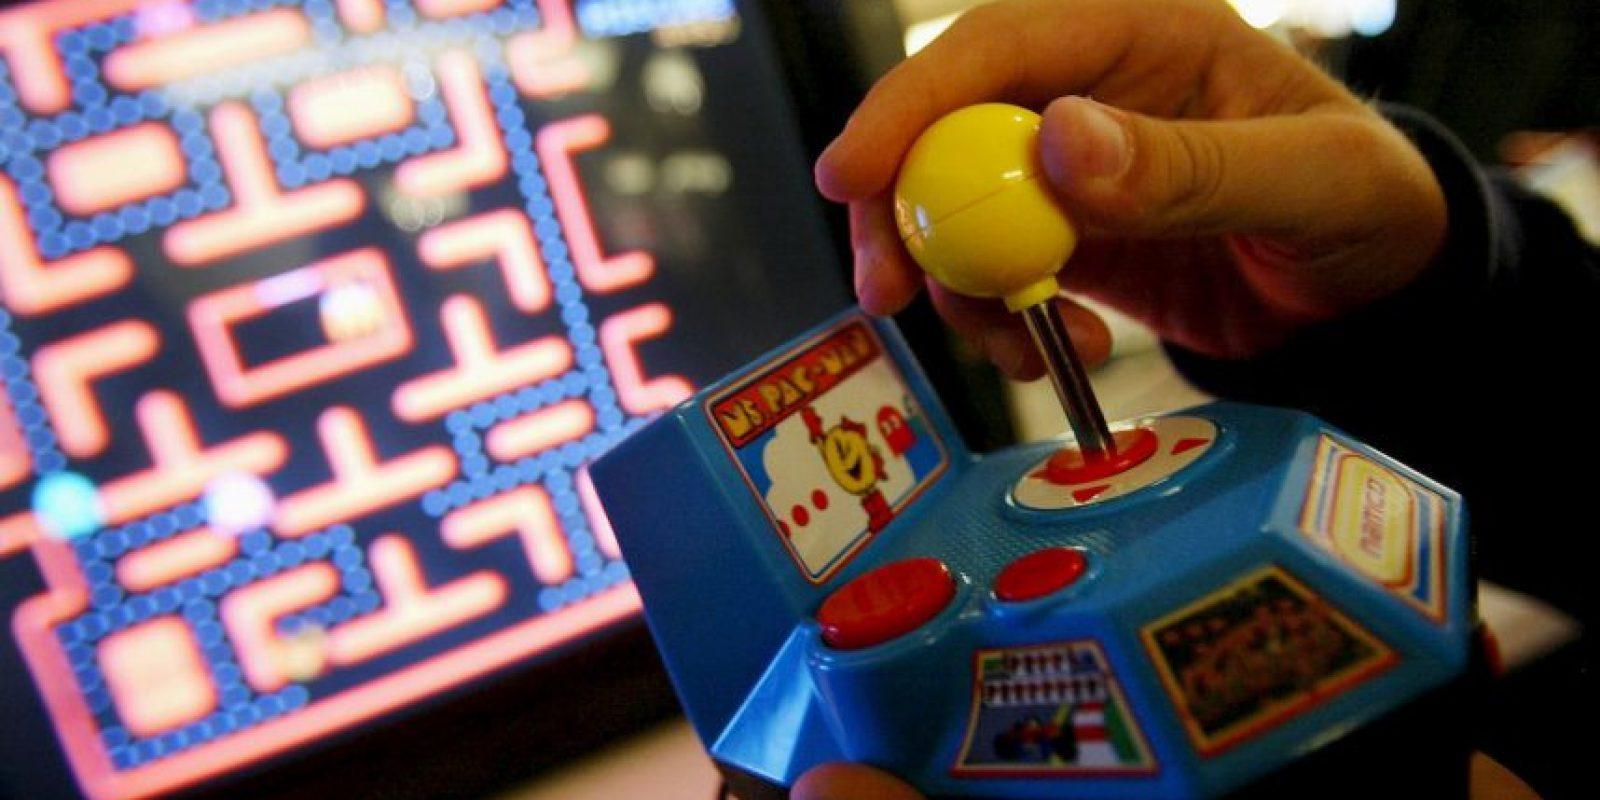 Toru Iwatani y James Jarocki (sus creadores) concibieron Pac-Man como un intento de captar el interés de las niñas y adolescentes con videojuegos Foto:Getty Images